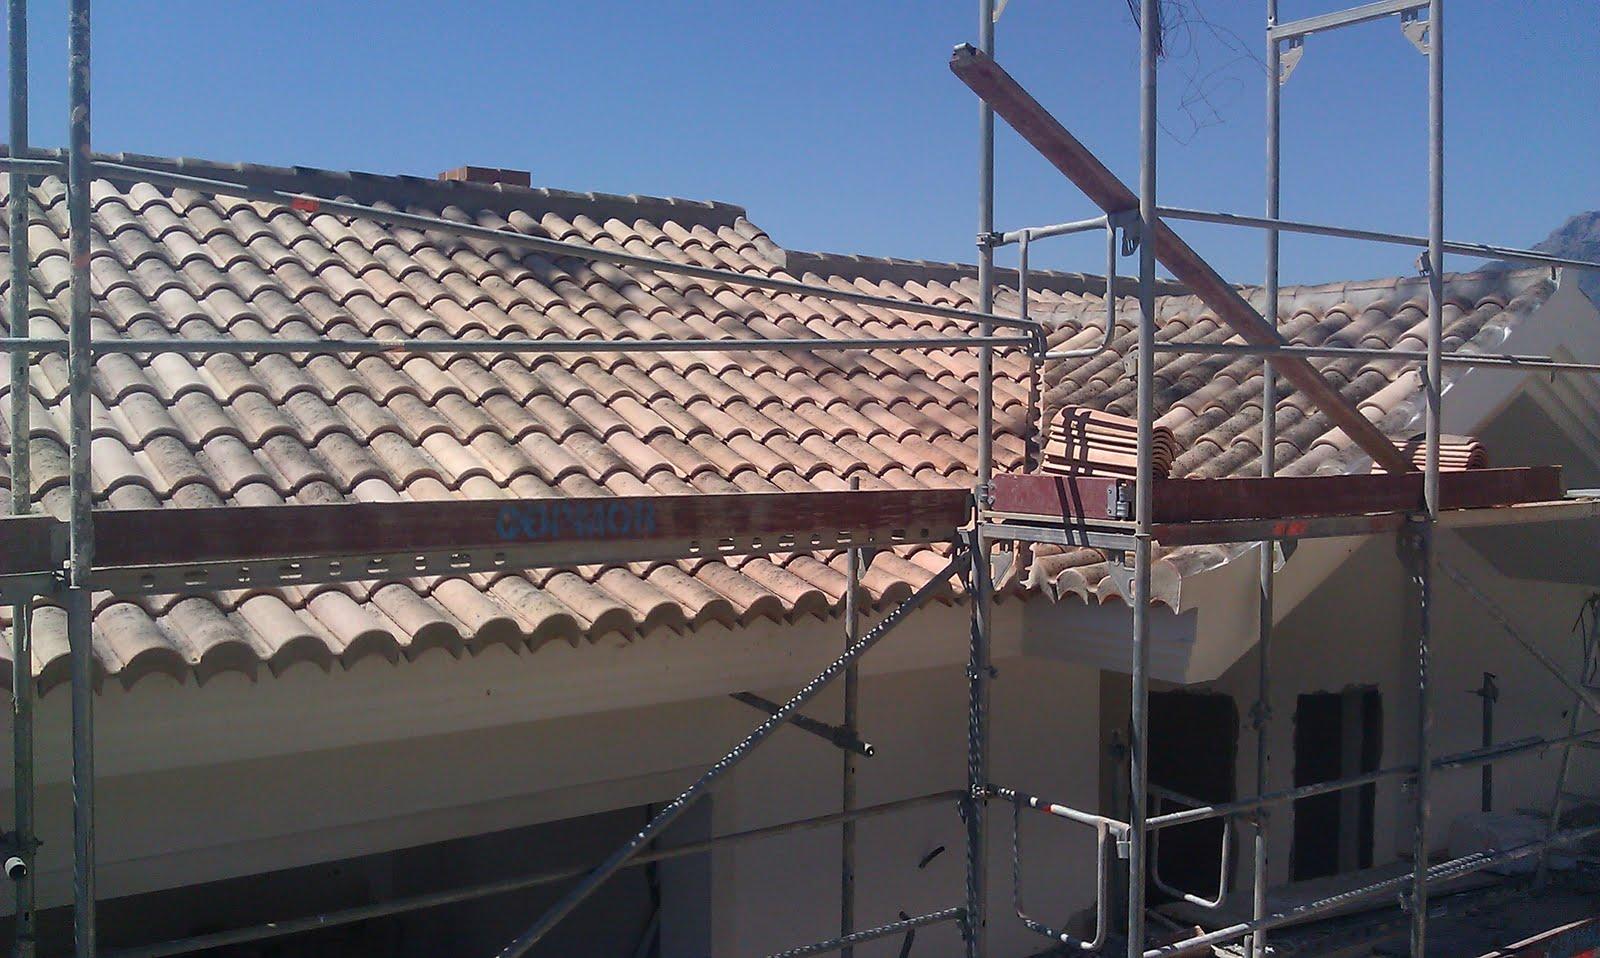 Tejados baratos reparaci n de tejados econ micos for Tejados de madera economicos